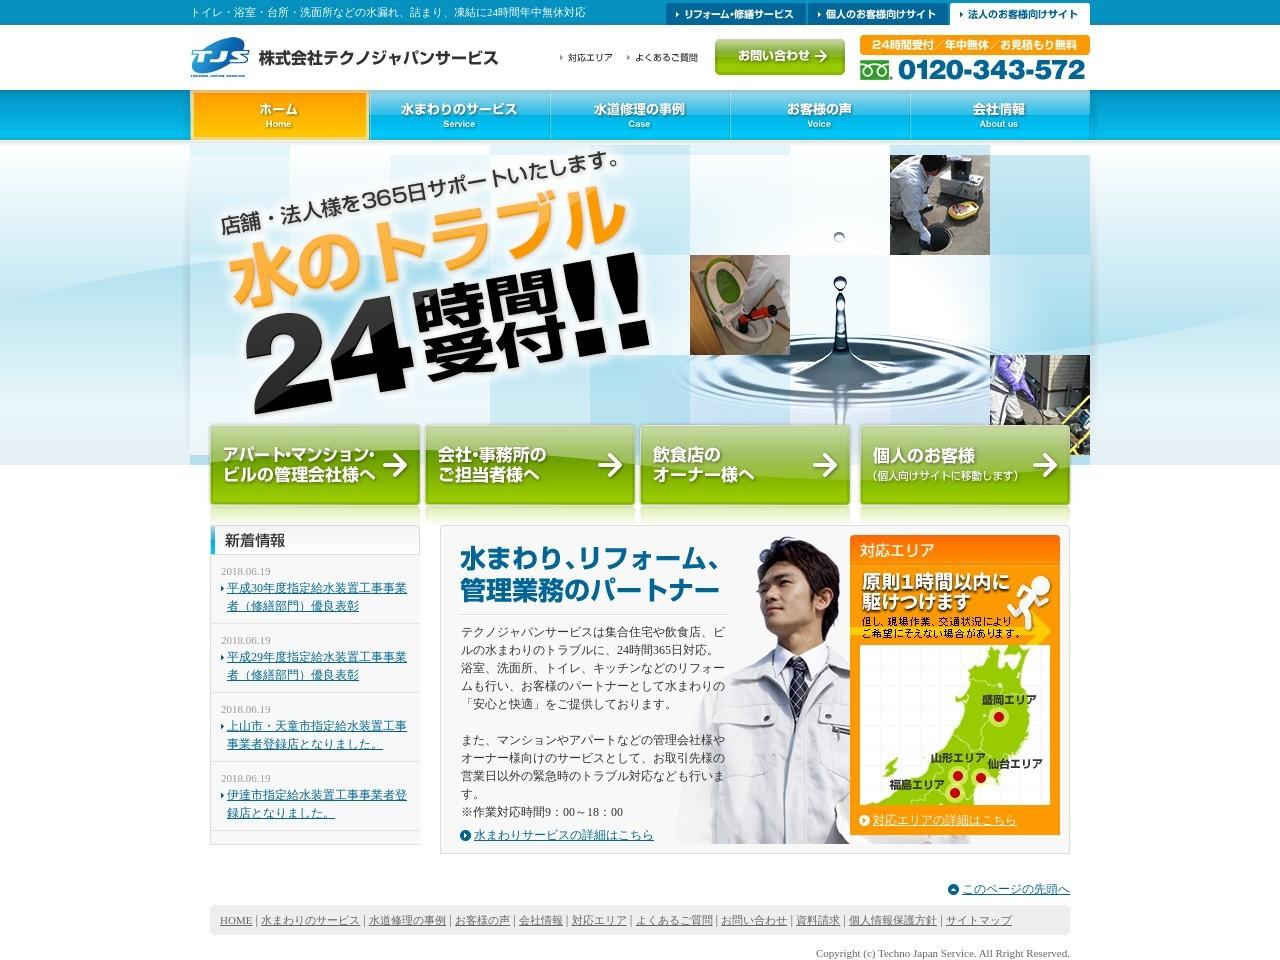 株式会社テクノジャパンサービス福島営業所